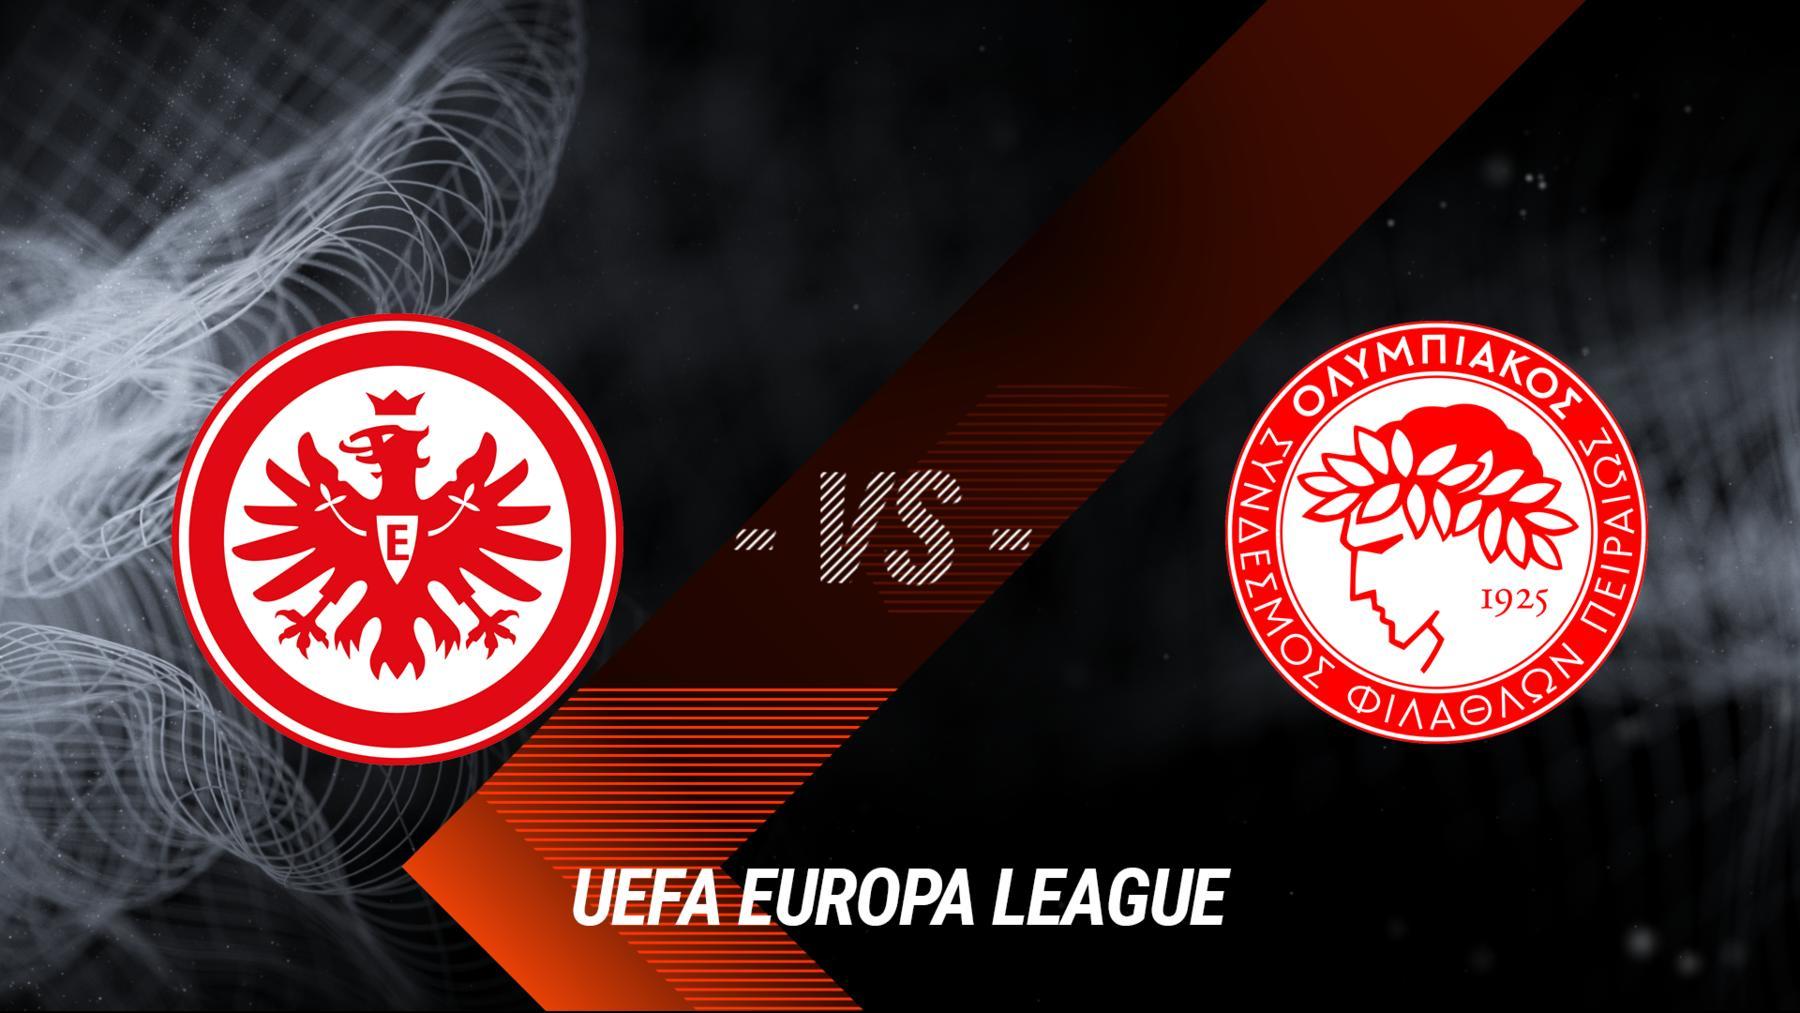 Eintracht Frankfurt - Olympiacos Piräus